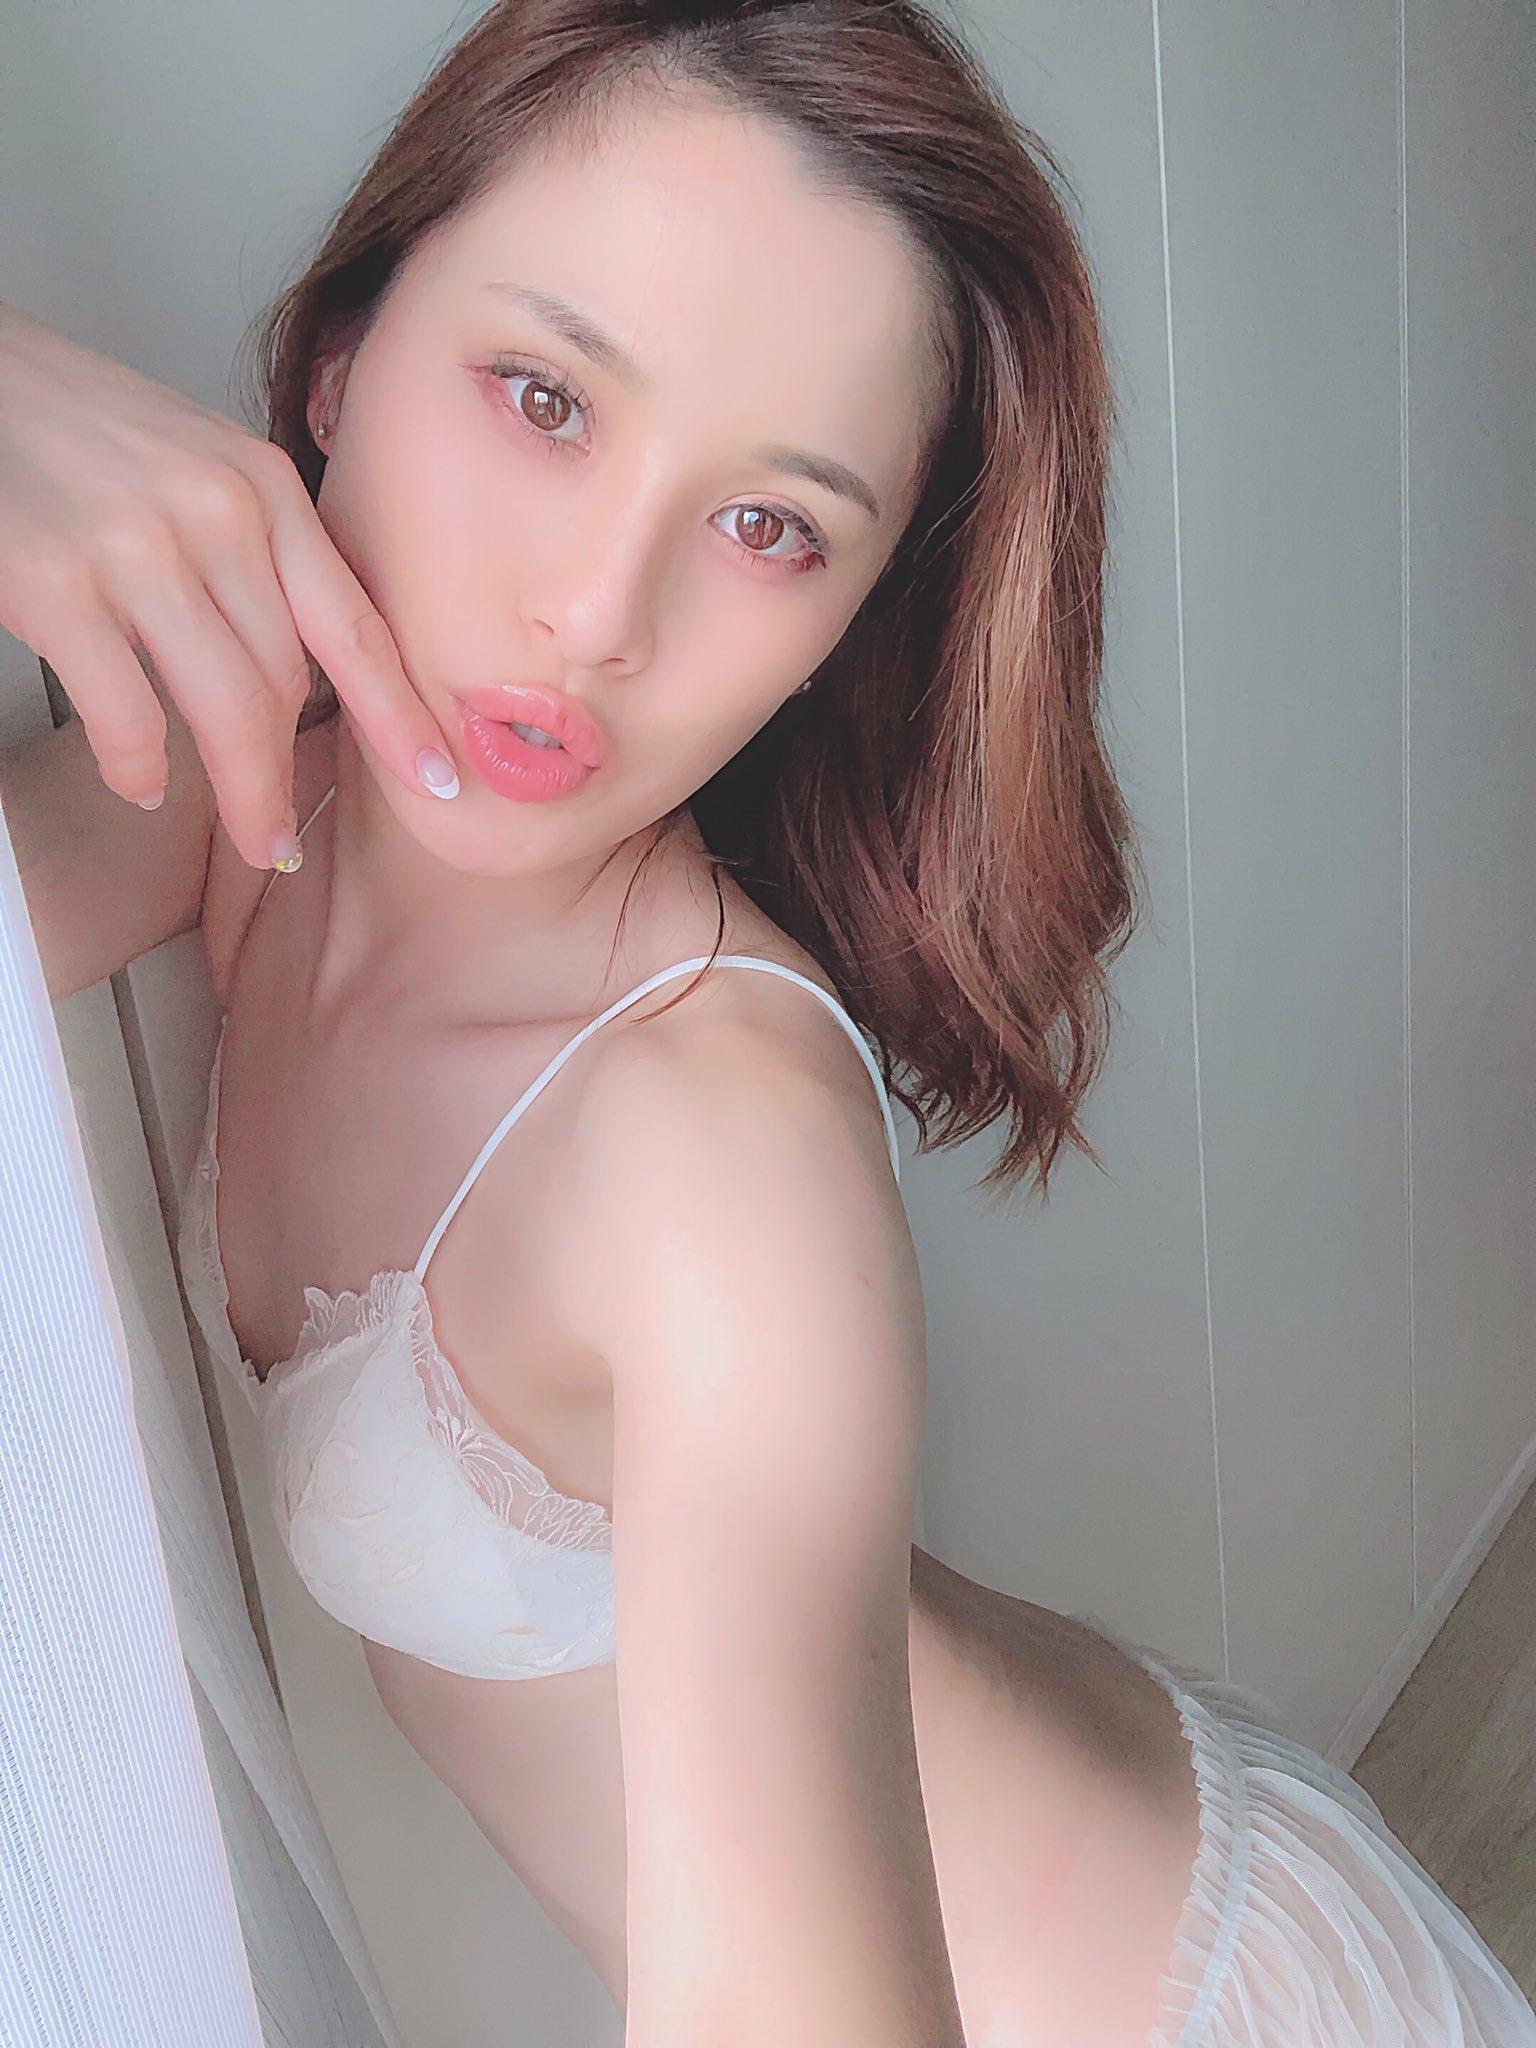 【神咲まいエロ画像】貧乳娘からセクシー美人妻にクラスチェンジした神咲まい!